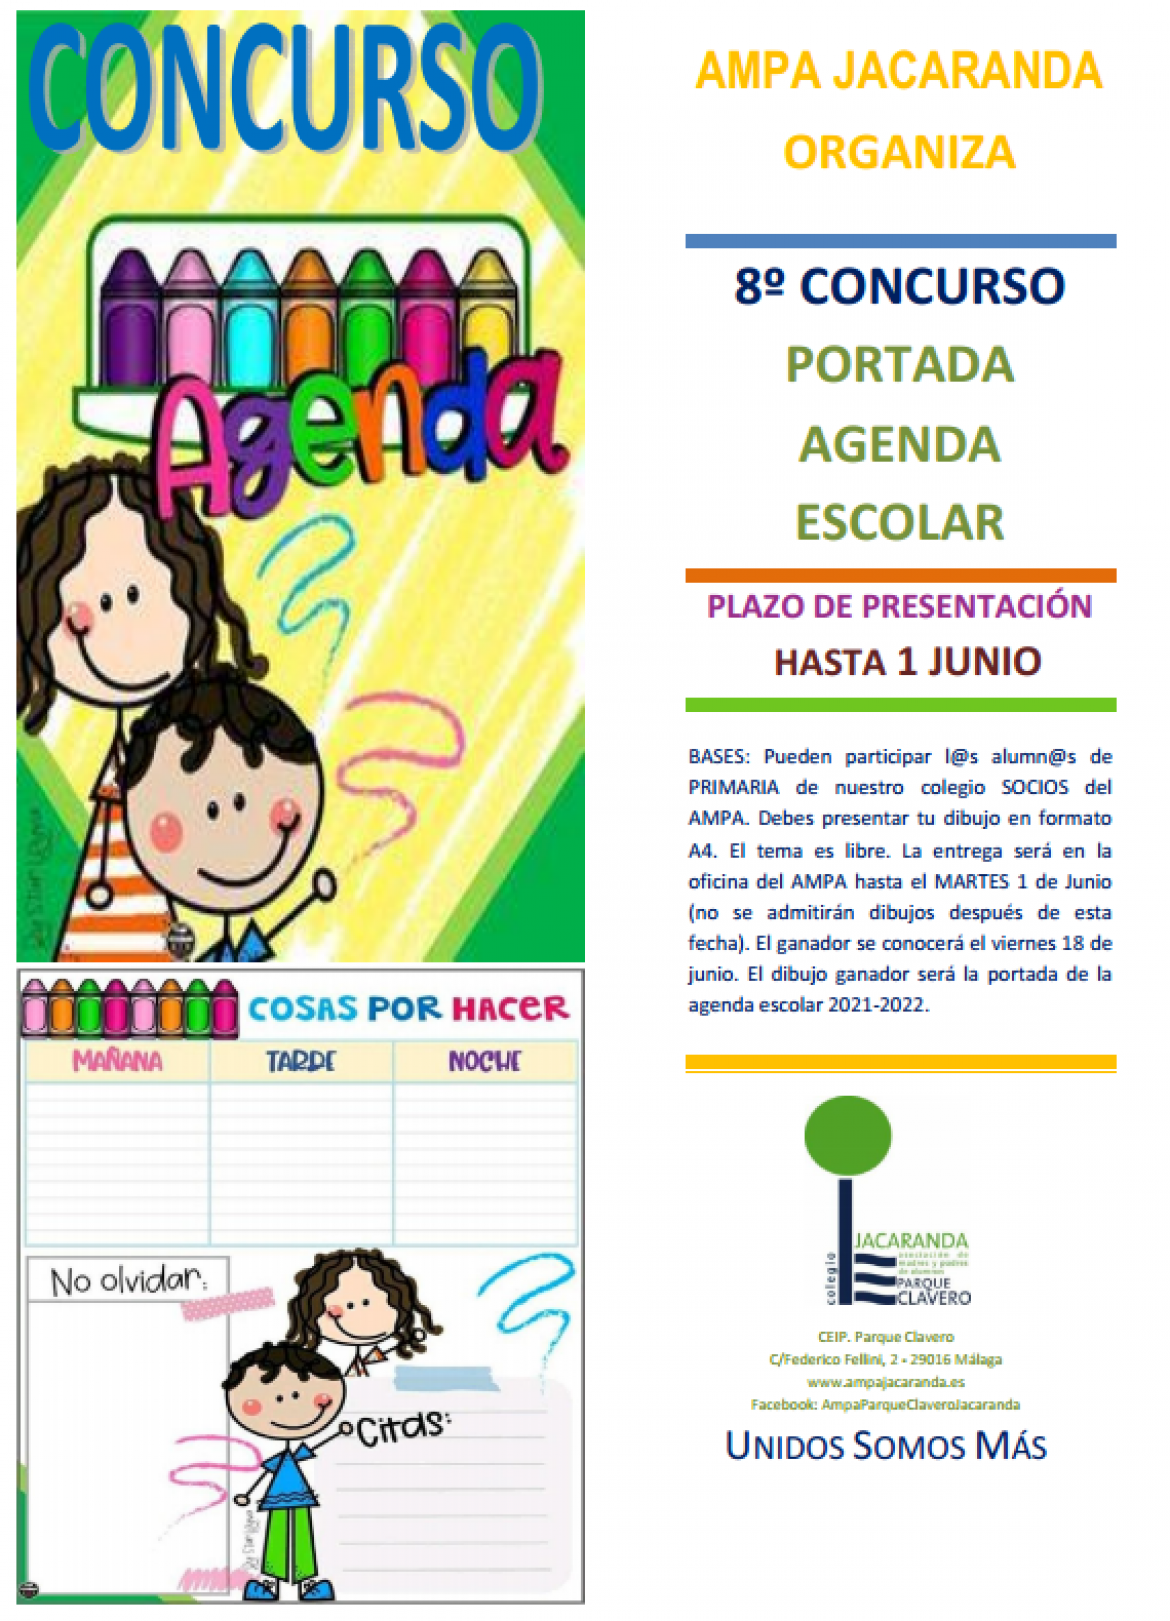 Concurso Agenda 2021-2022